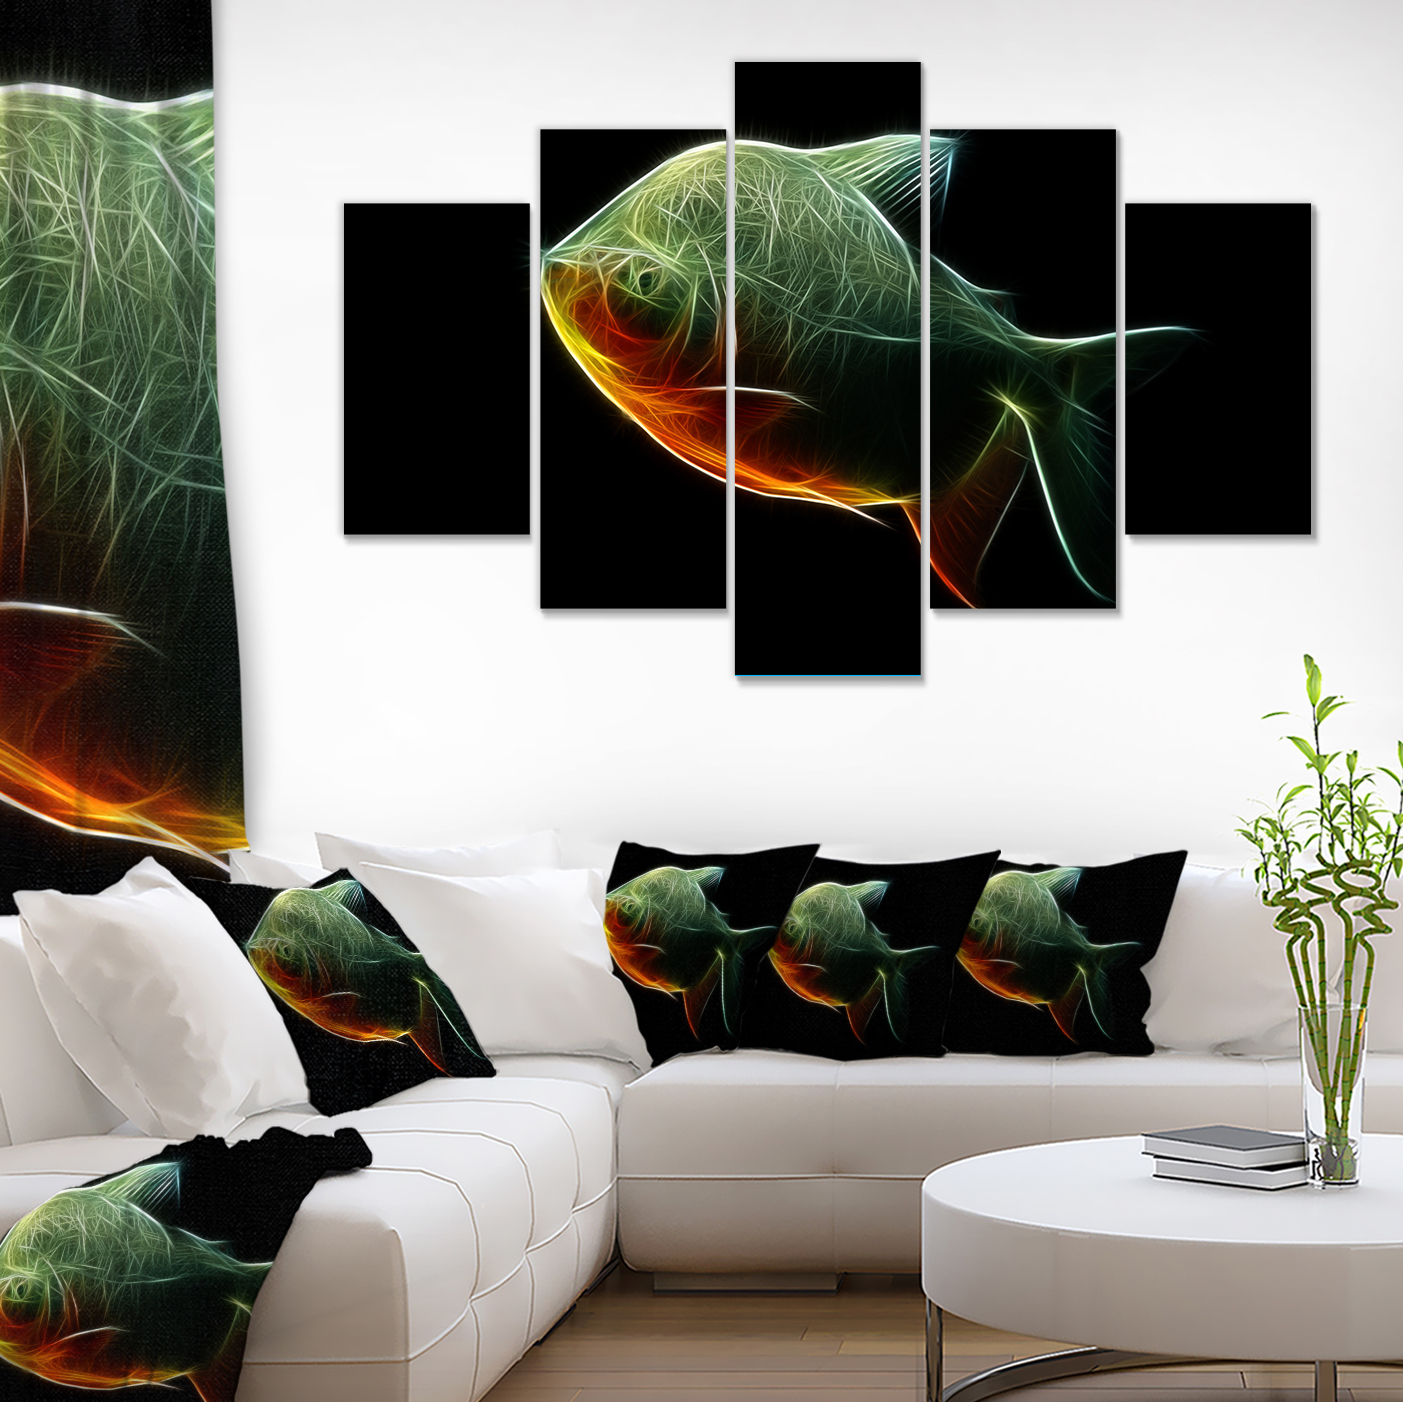 Fractal Pacu Fish on Black - Large Animal Canvas Artwork - image 2 de 3